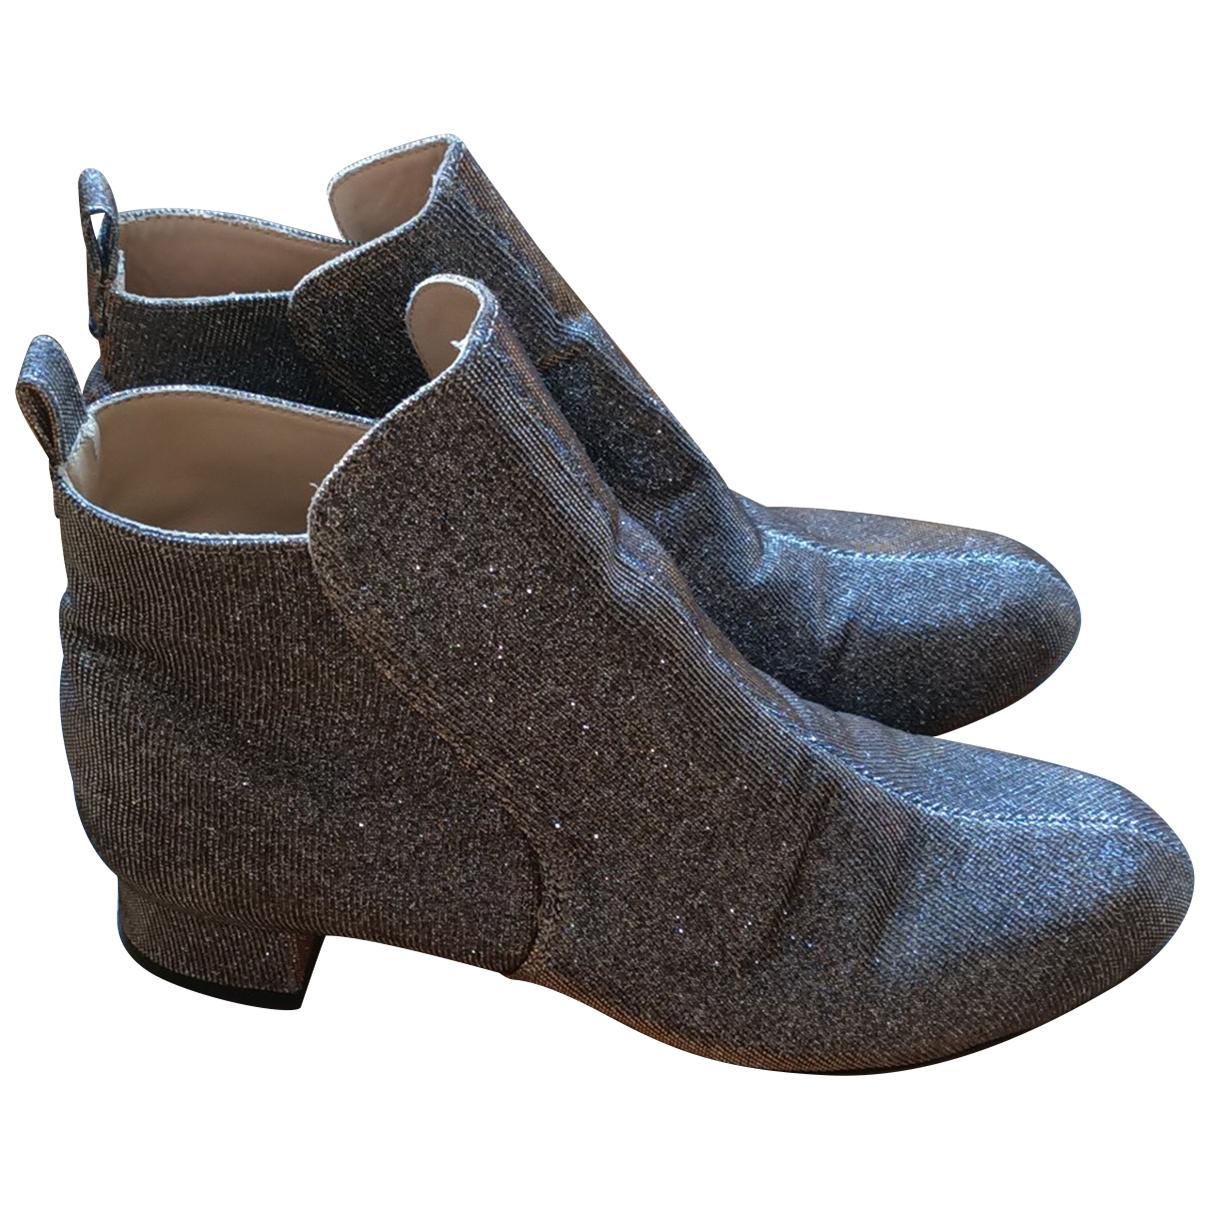 Robert Clergerie - Boots   pour femme en a paillettes - argente